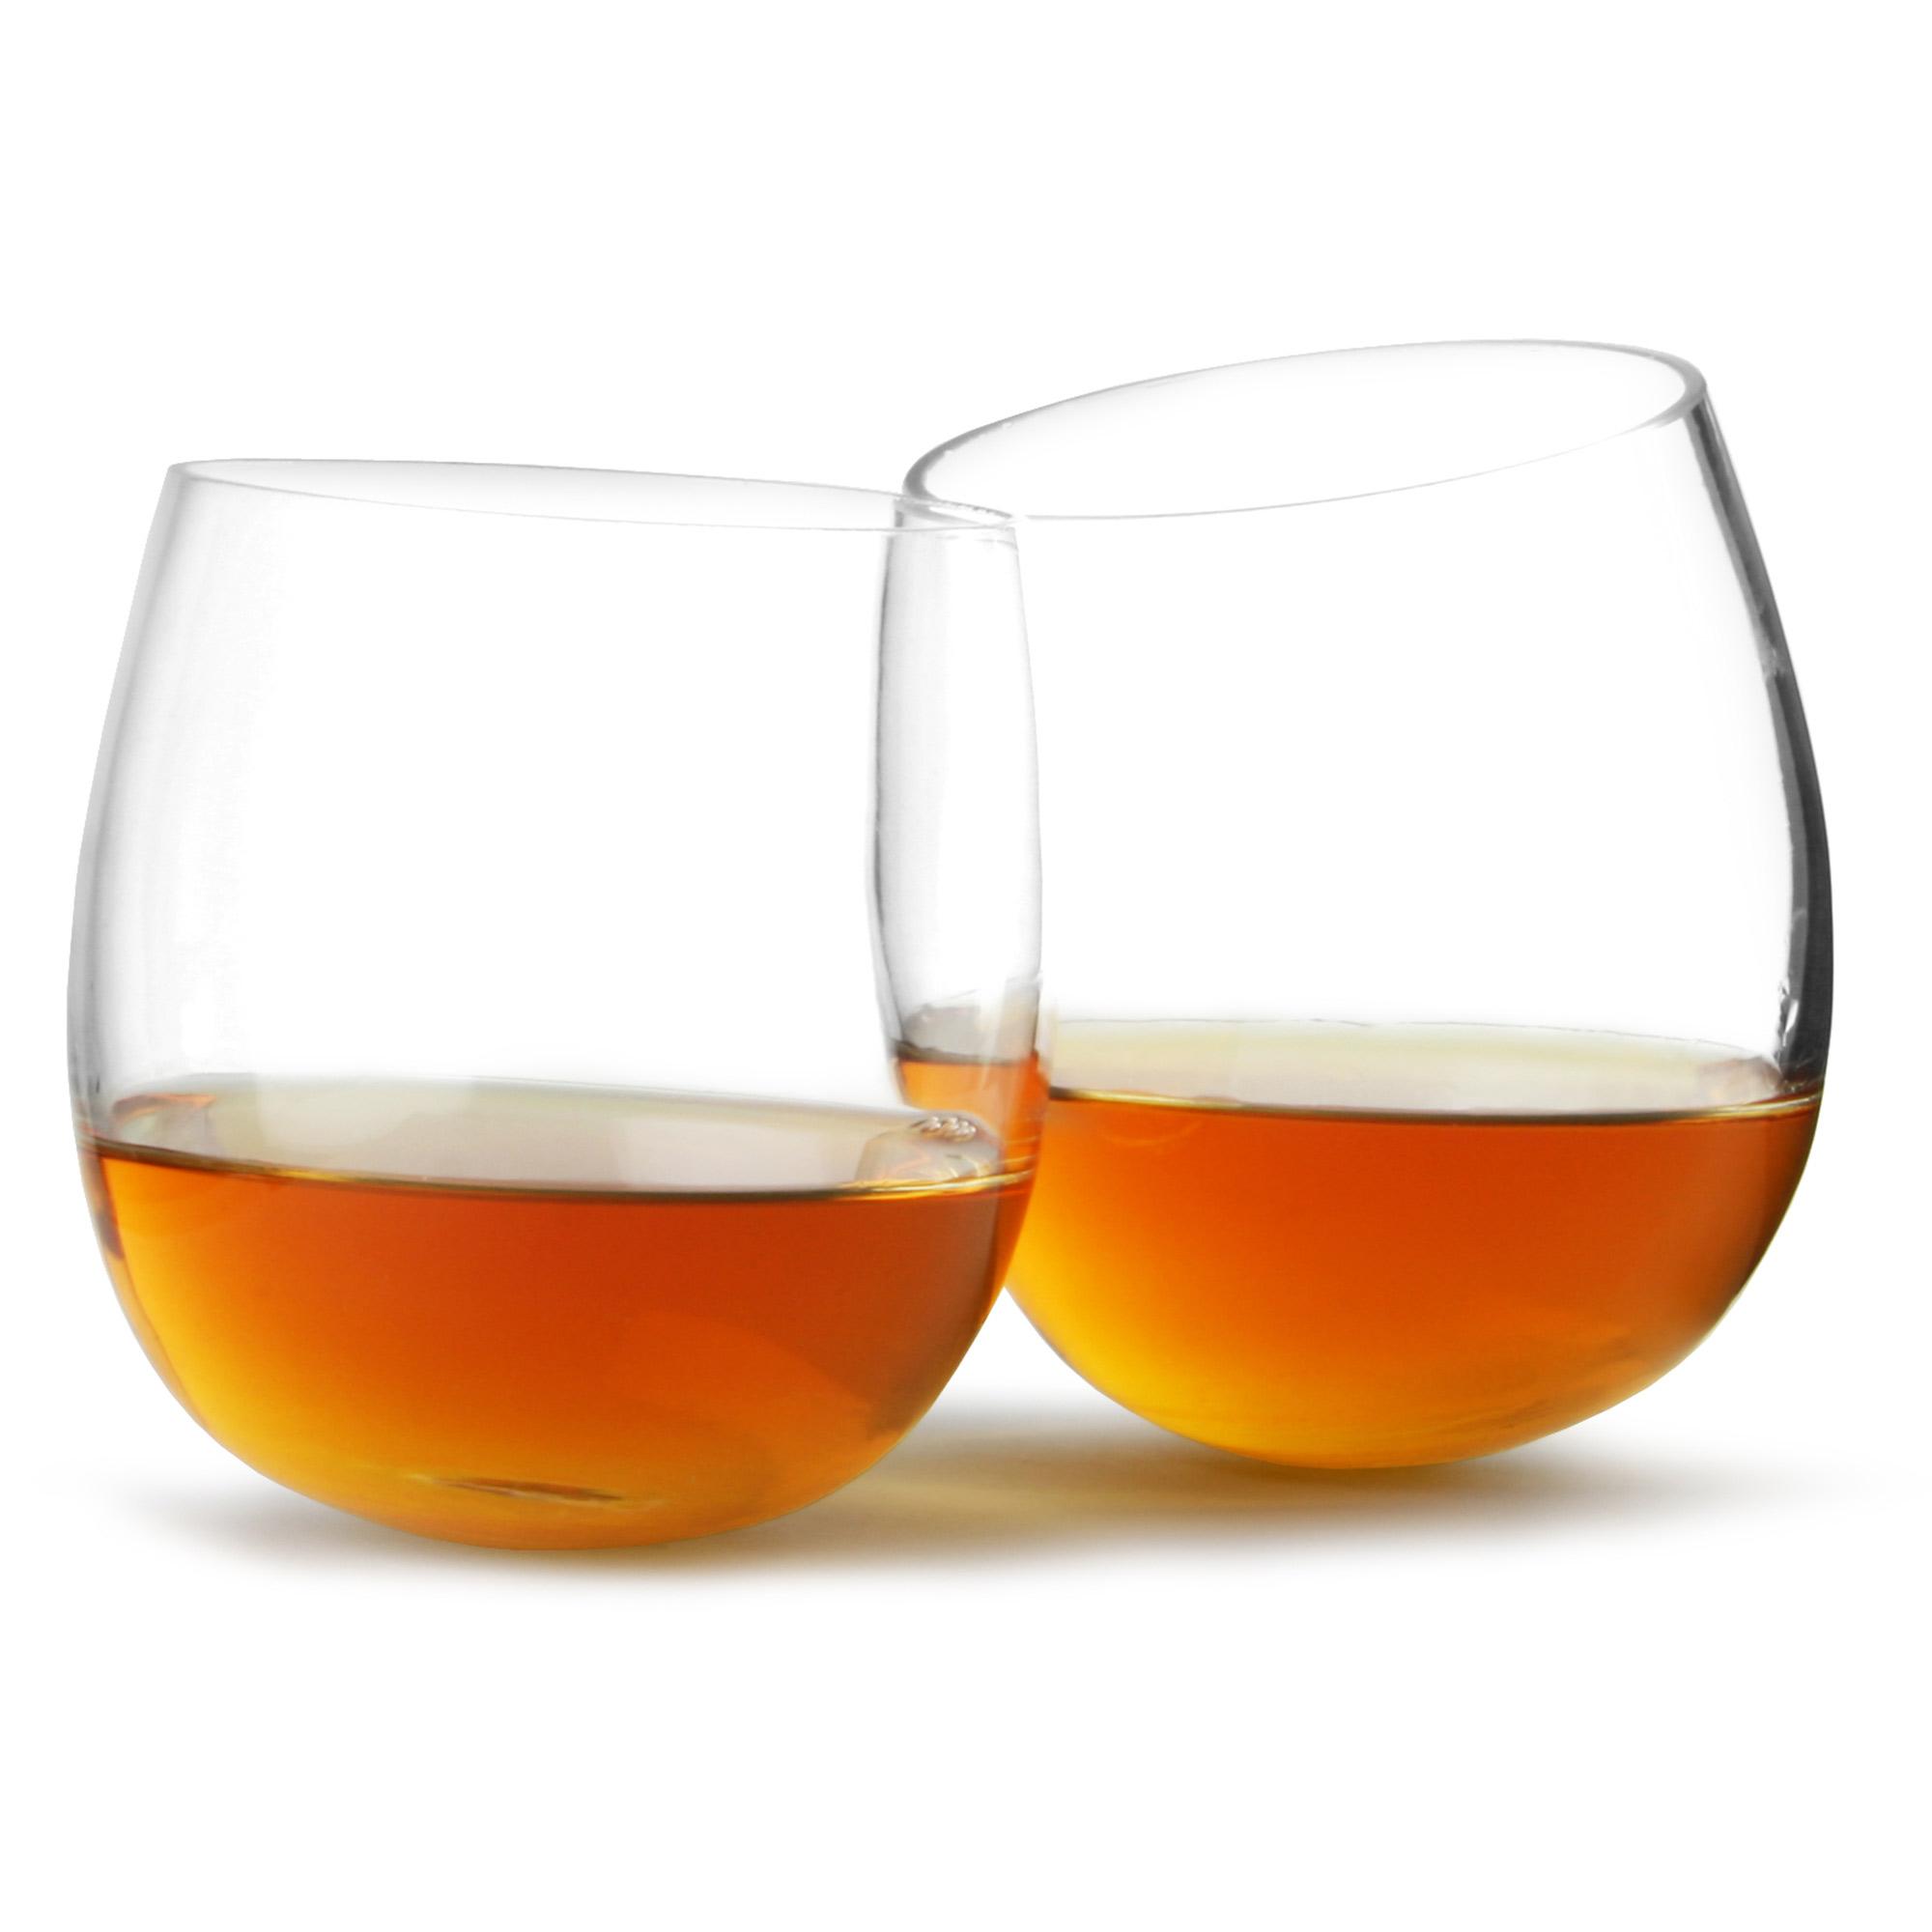 whisky rocker glasses 300ml novelty glasses rocking whisky glasses buy at drinkstuff. Black Bedroom Furniture Sets. Home Design Ideas